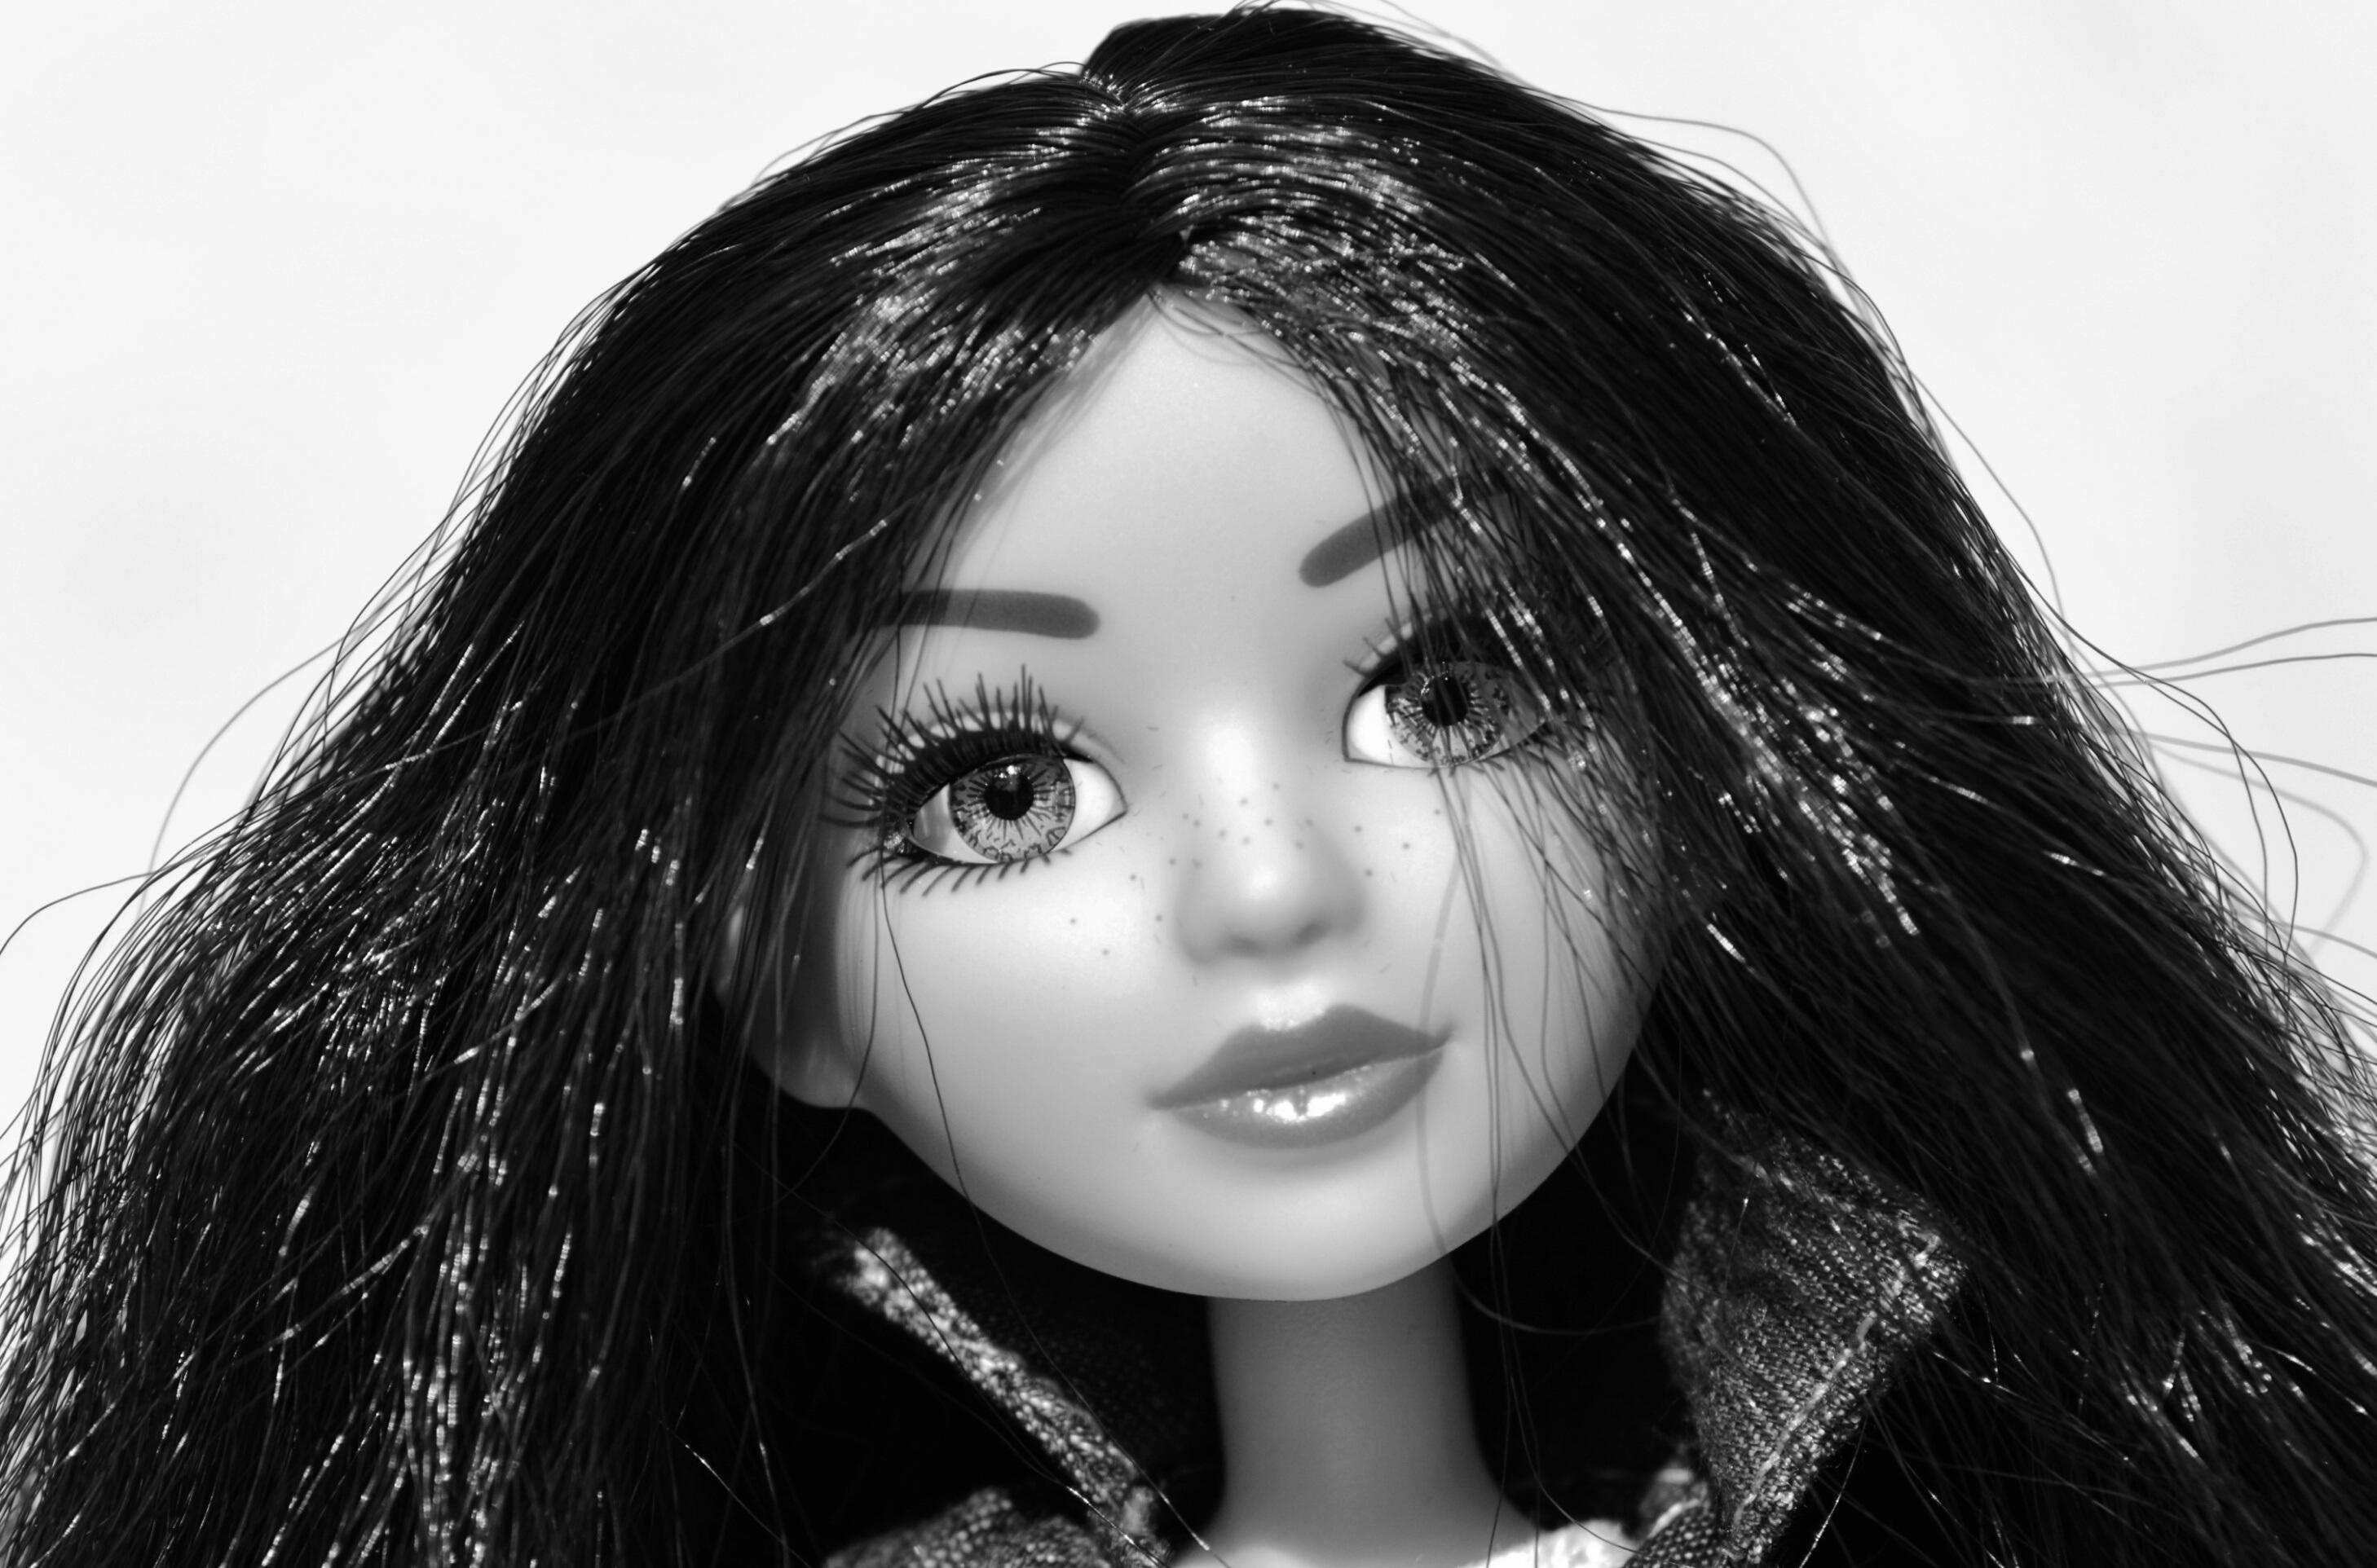 ładne czarne zdjęcia dziewczyn